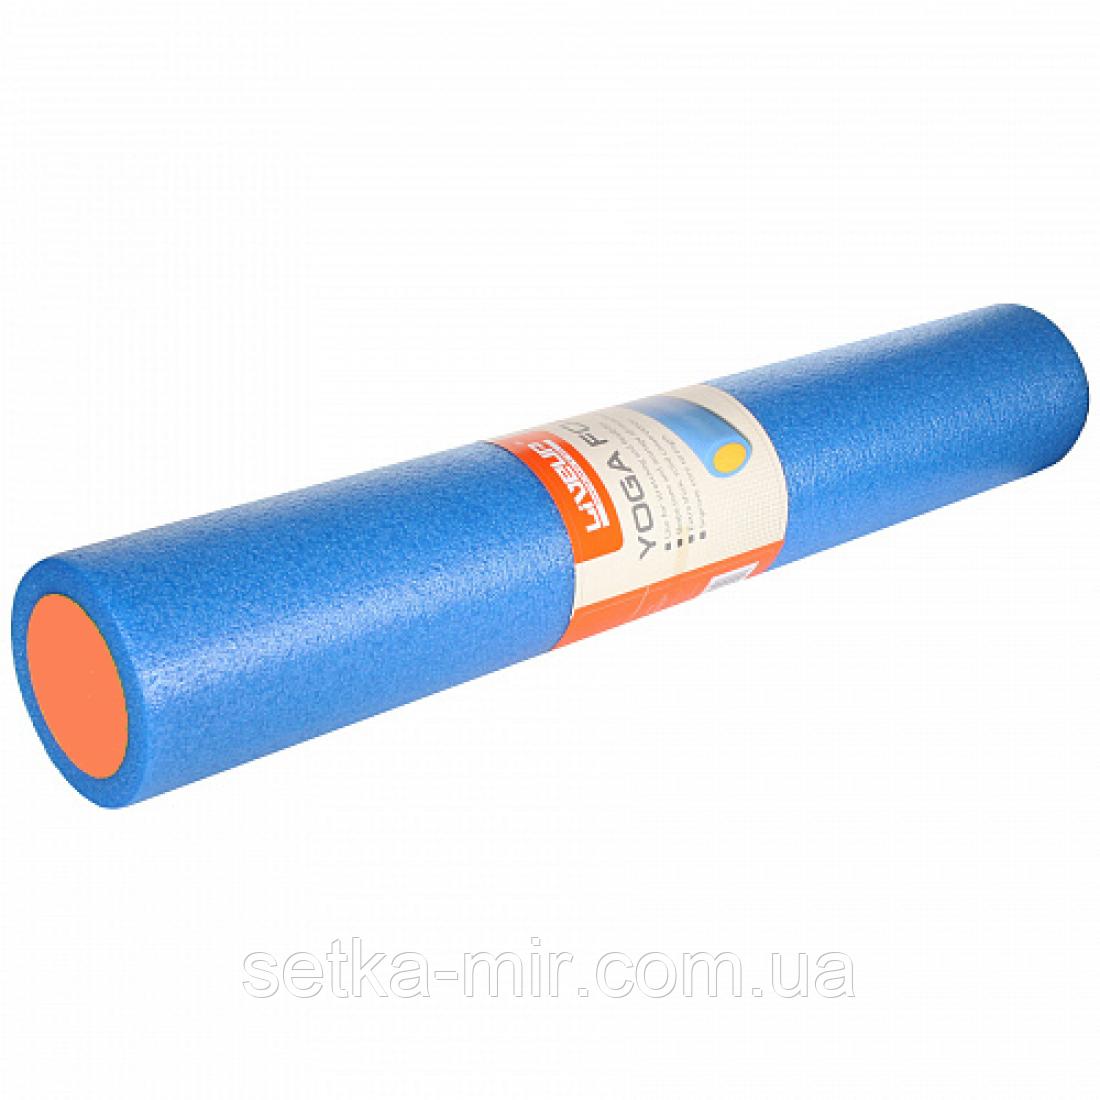 Ролик для йоги LiveUp Yoga Foam Roller